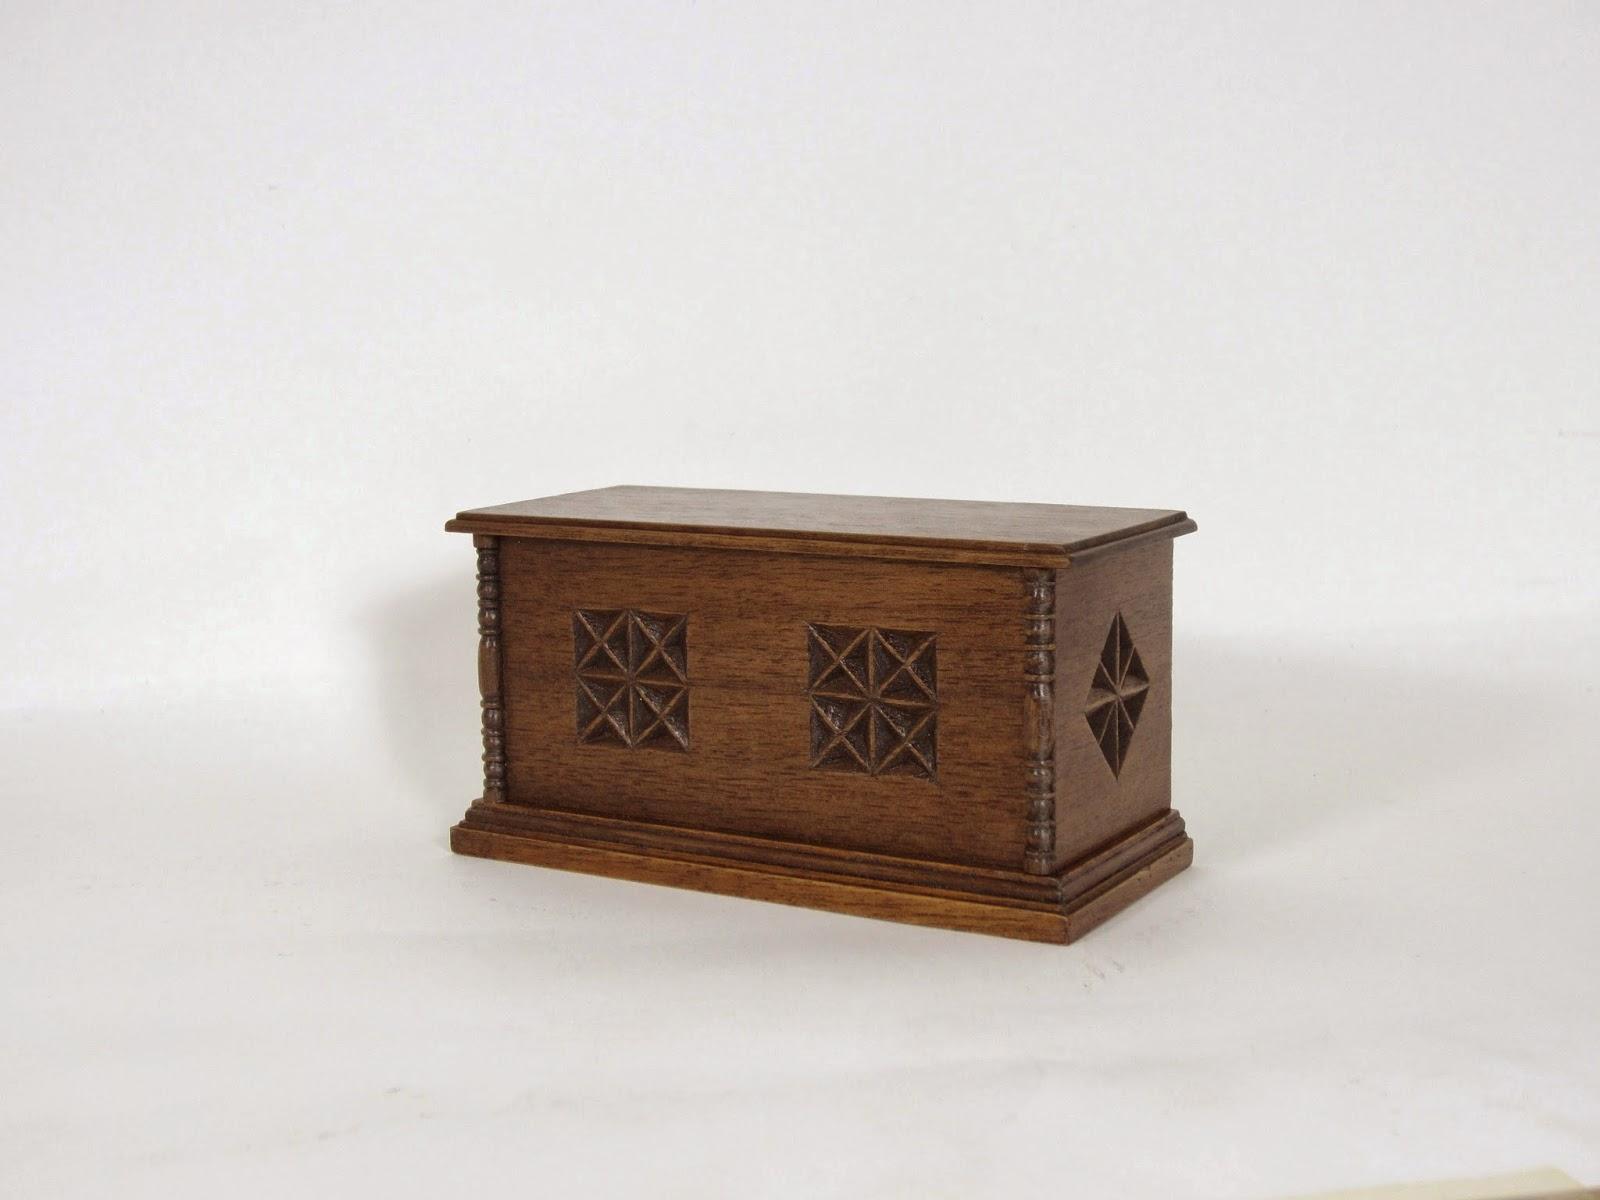 Fotos de Cocinas Clásicas con Muebles de Madera - imagenes de muebles tallados en madera